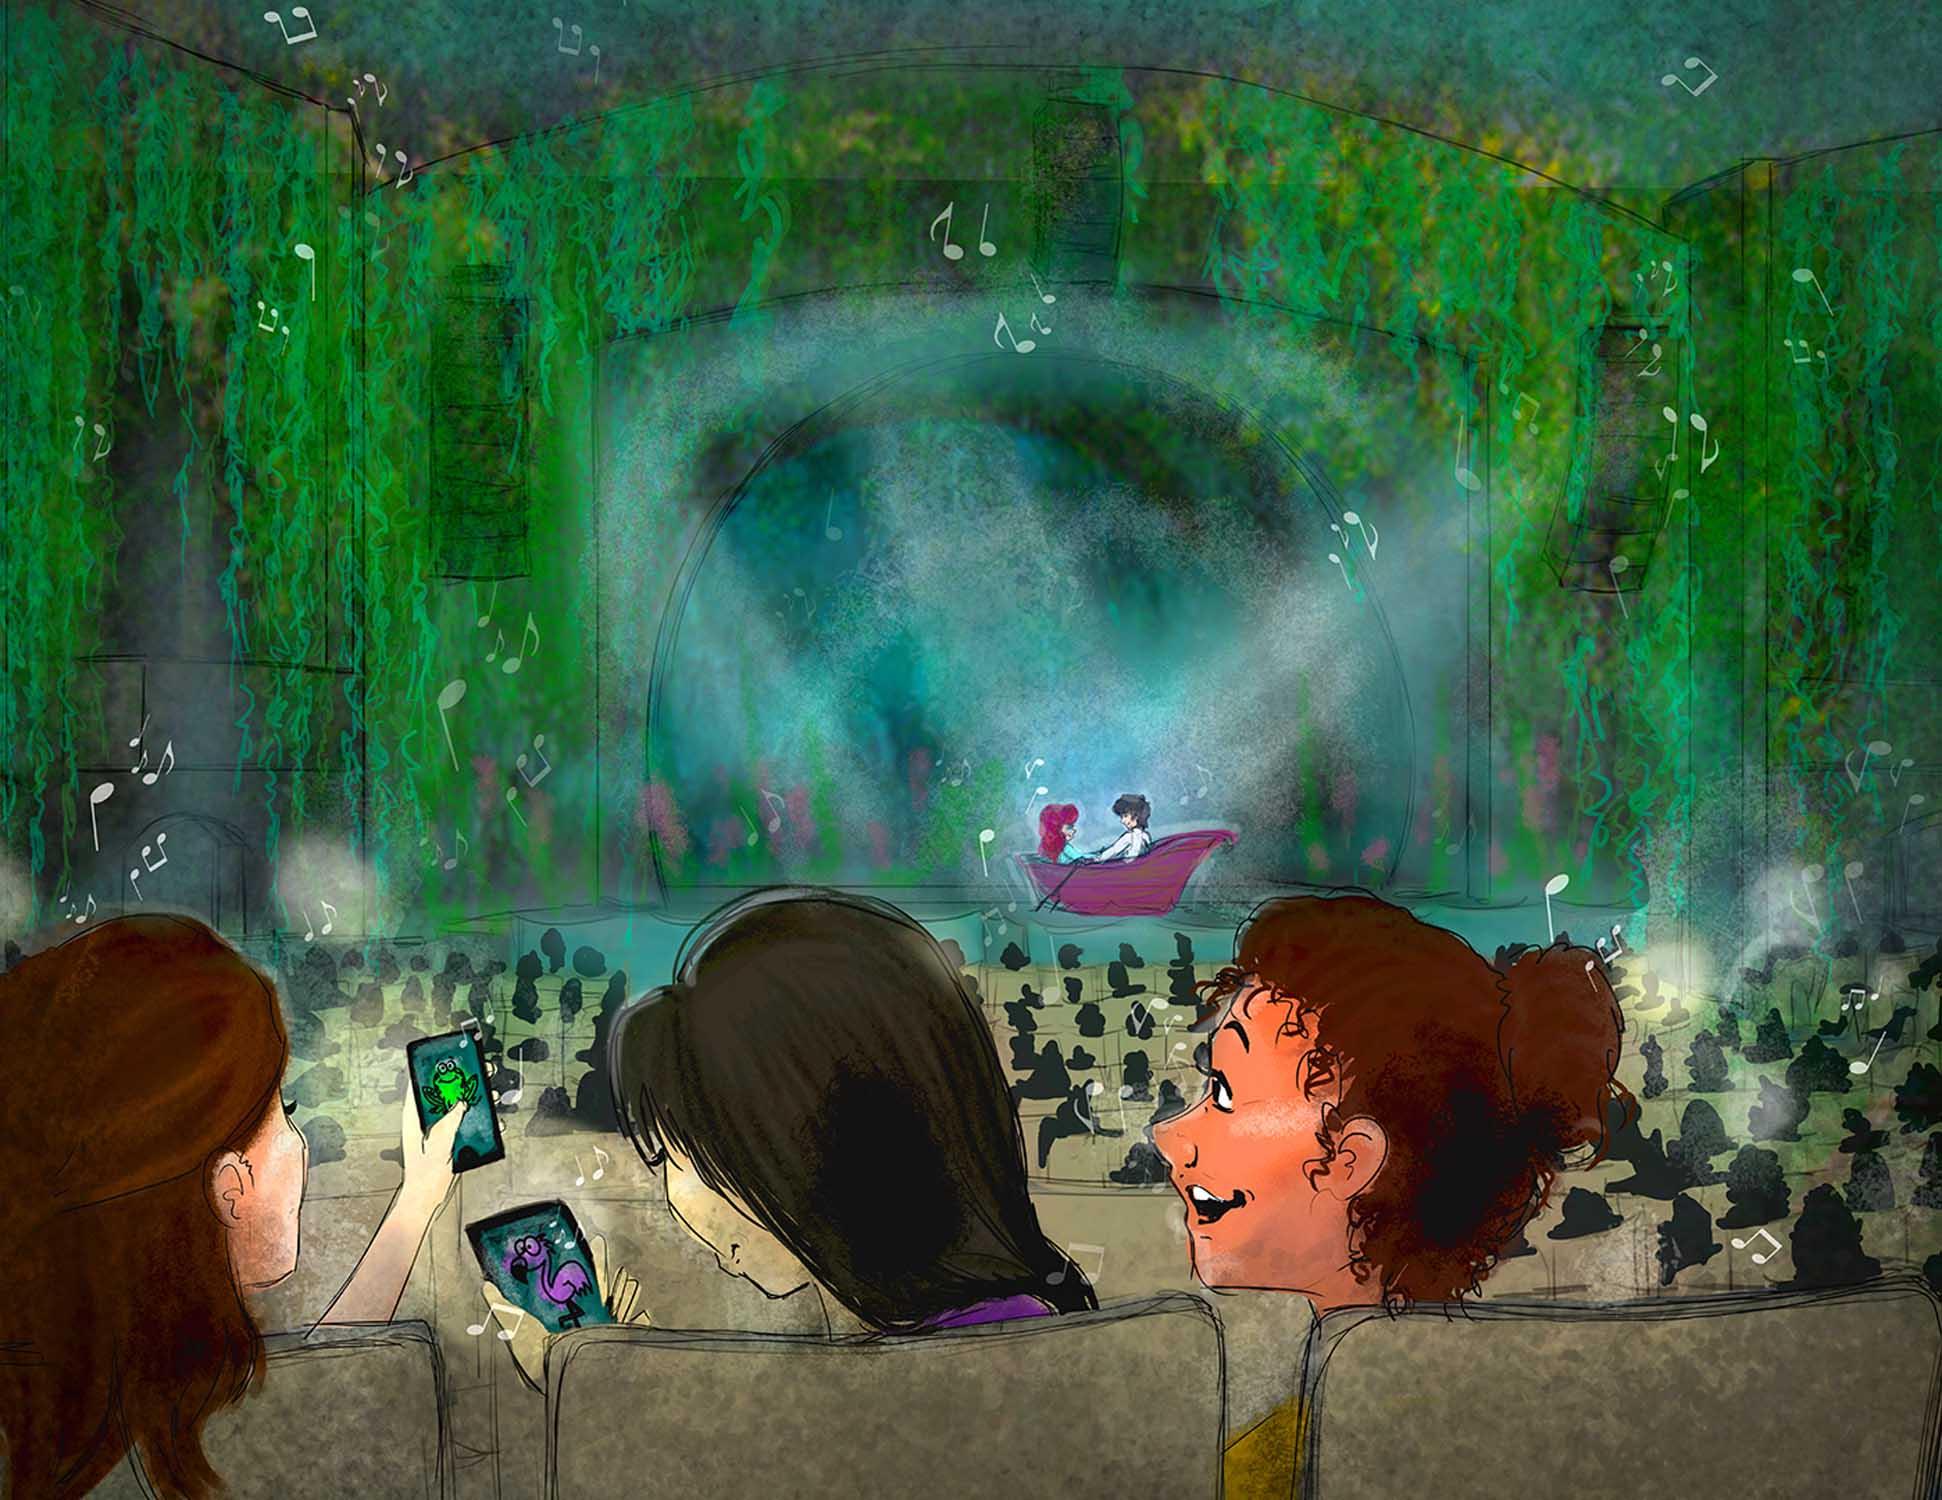 Quot Little Mermaid Quot Finds Love In El Segundo